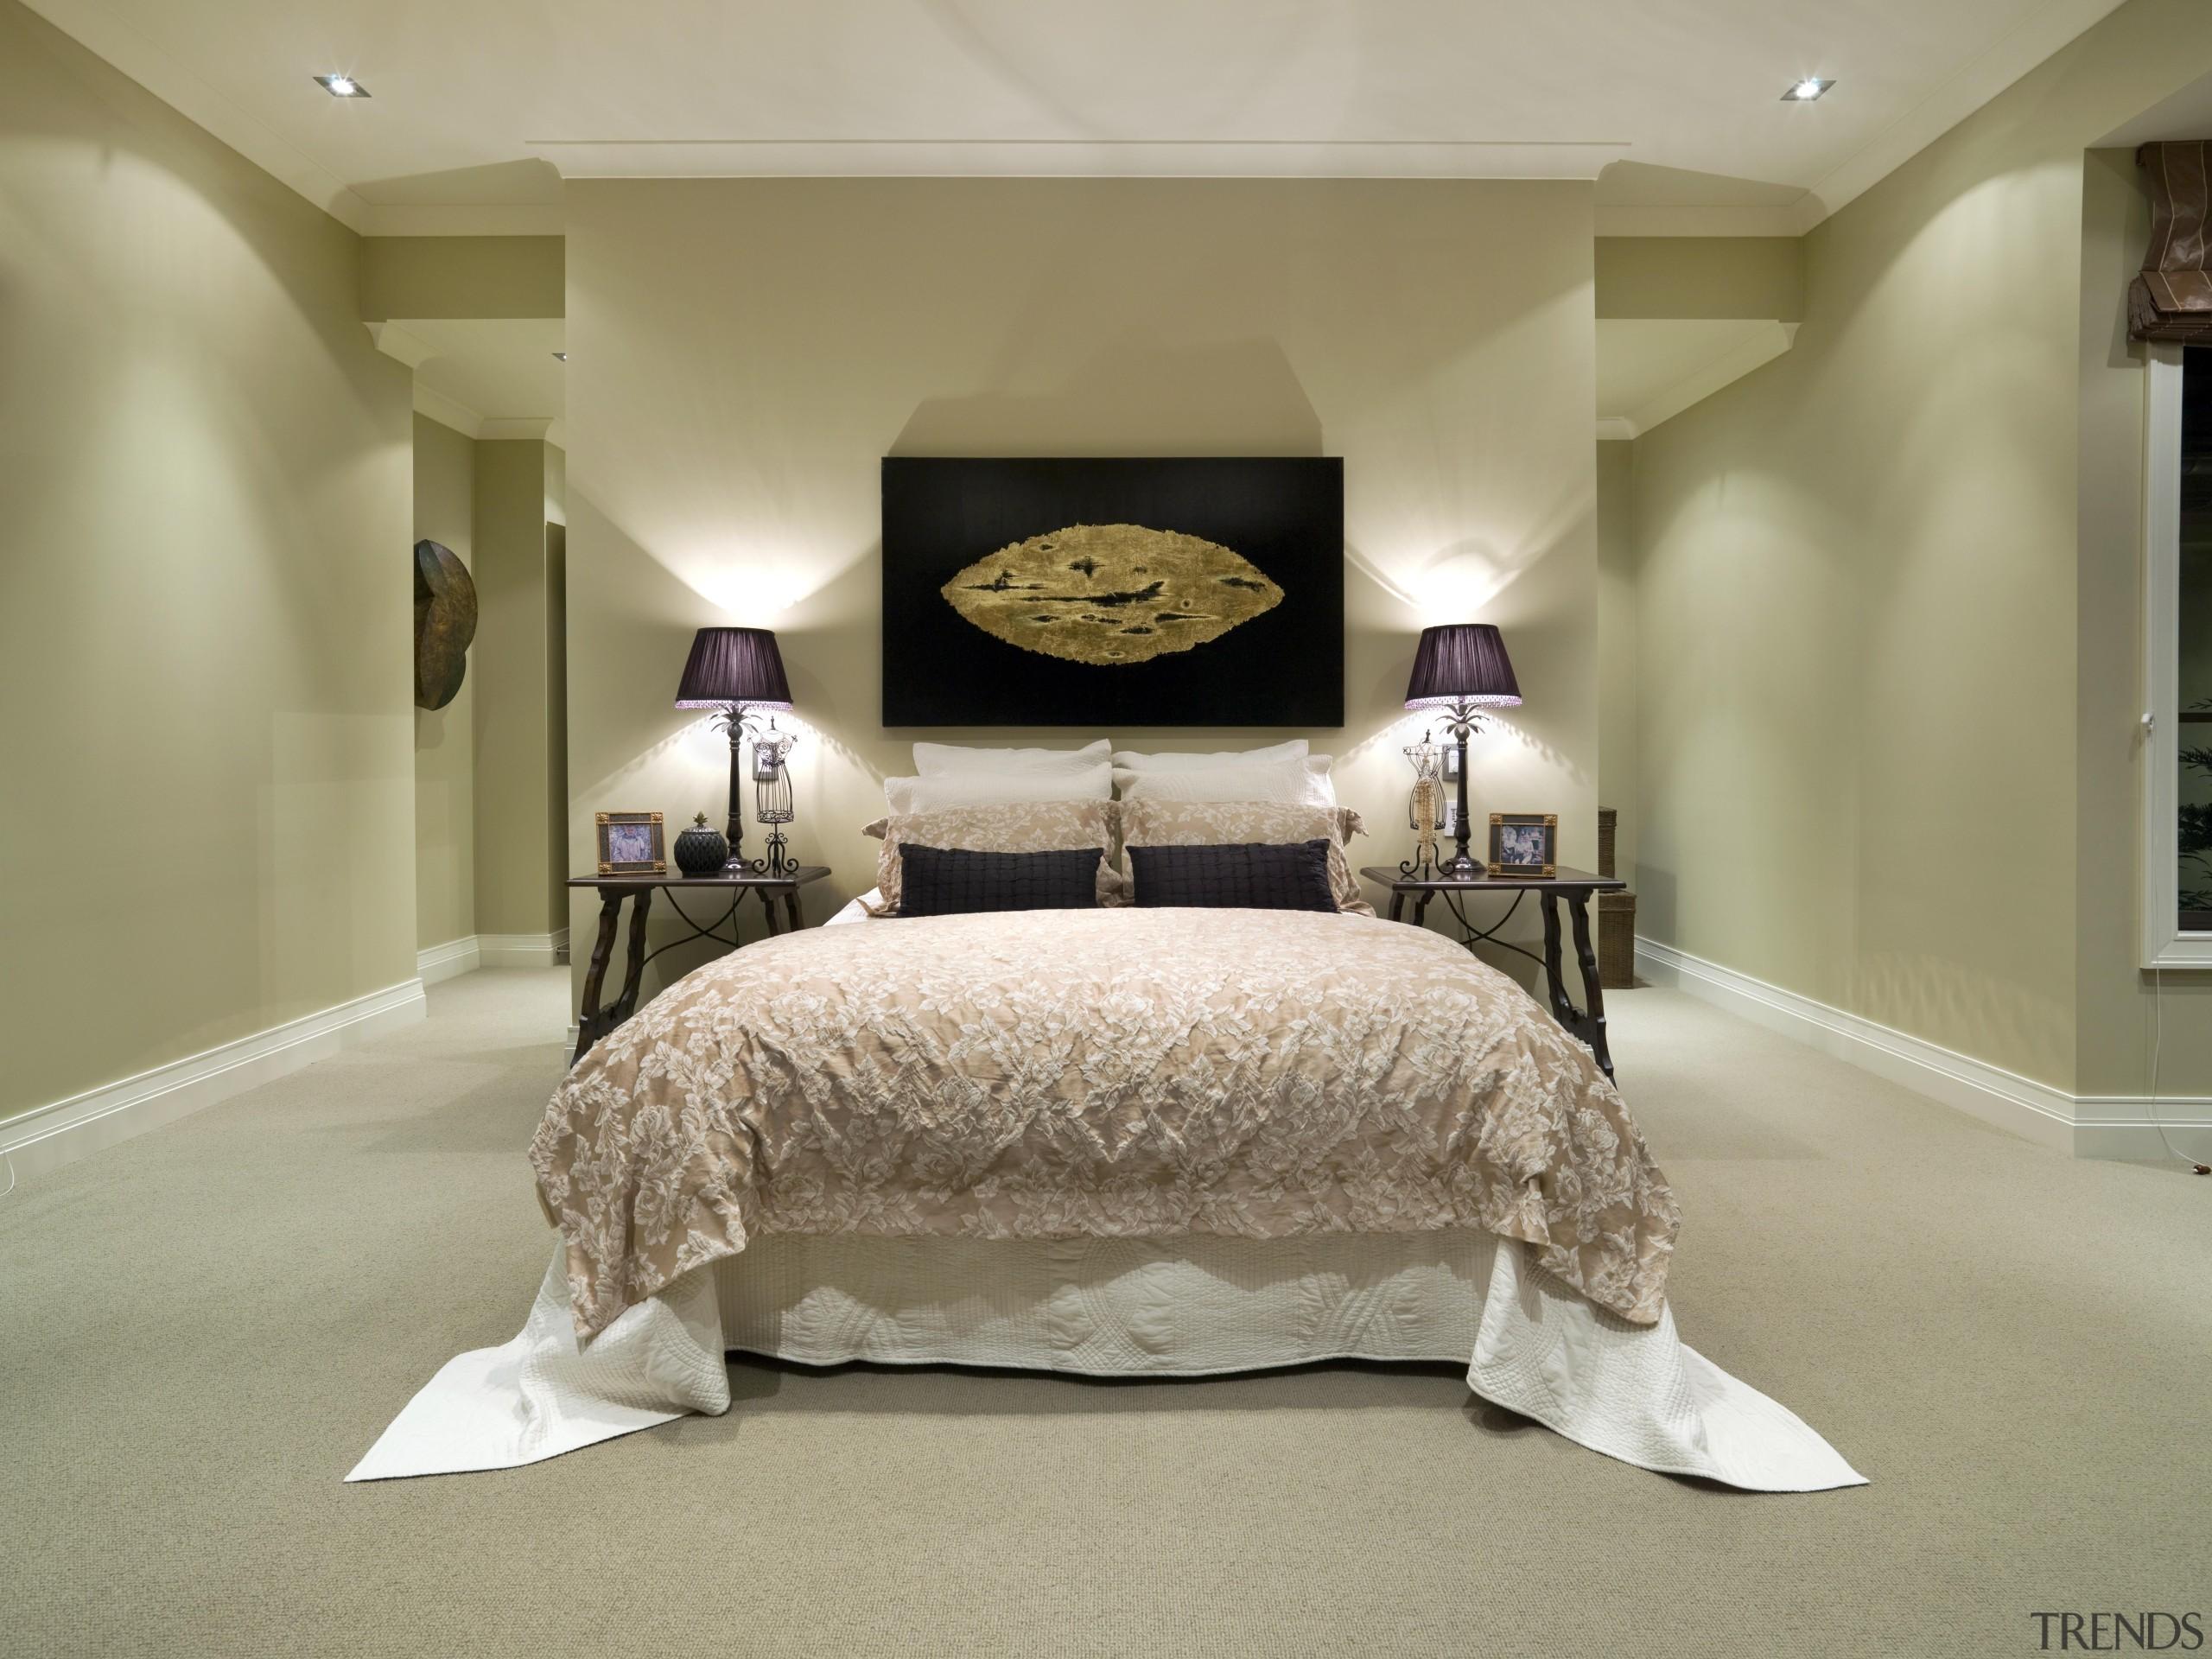 116goodlands 216 - Goodlands_216 - bed   bed bed, bed frame, bedroom, ceiling, floor, furniture, home, interior design, room, suite, wall, orange